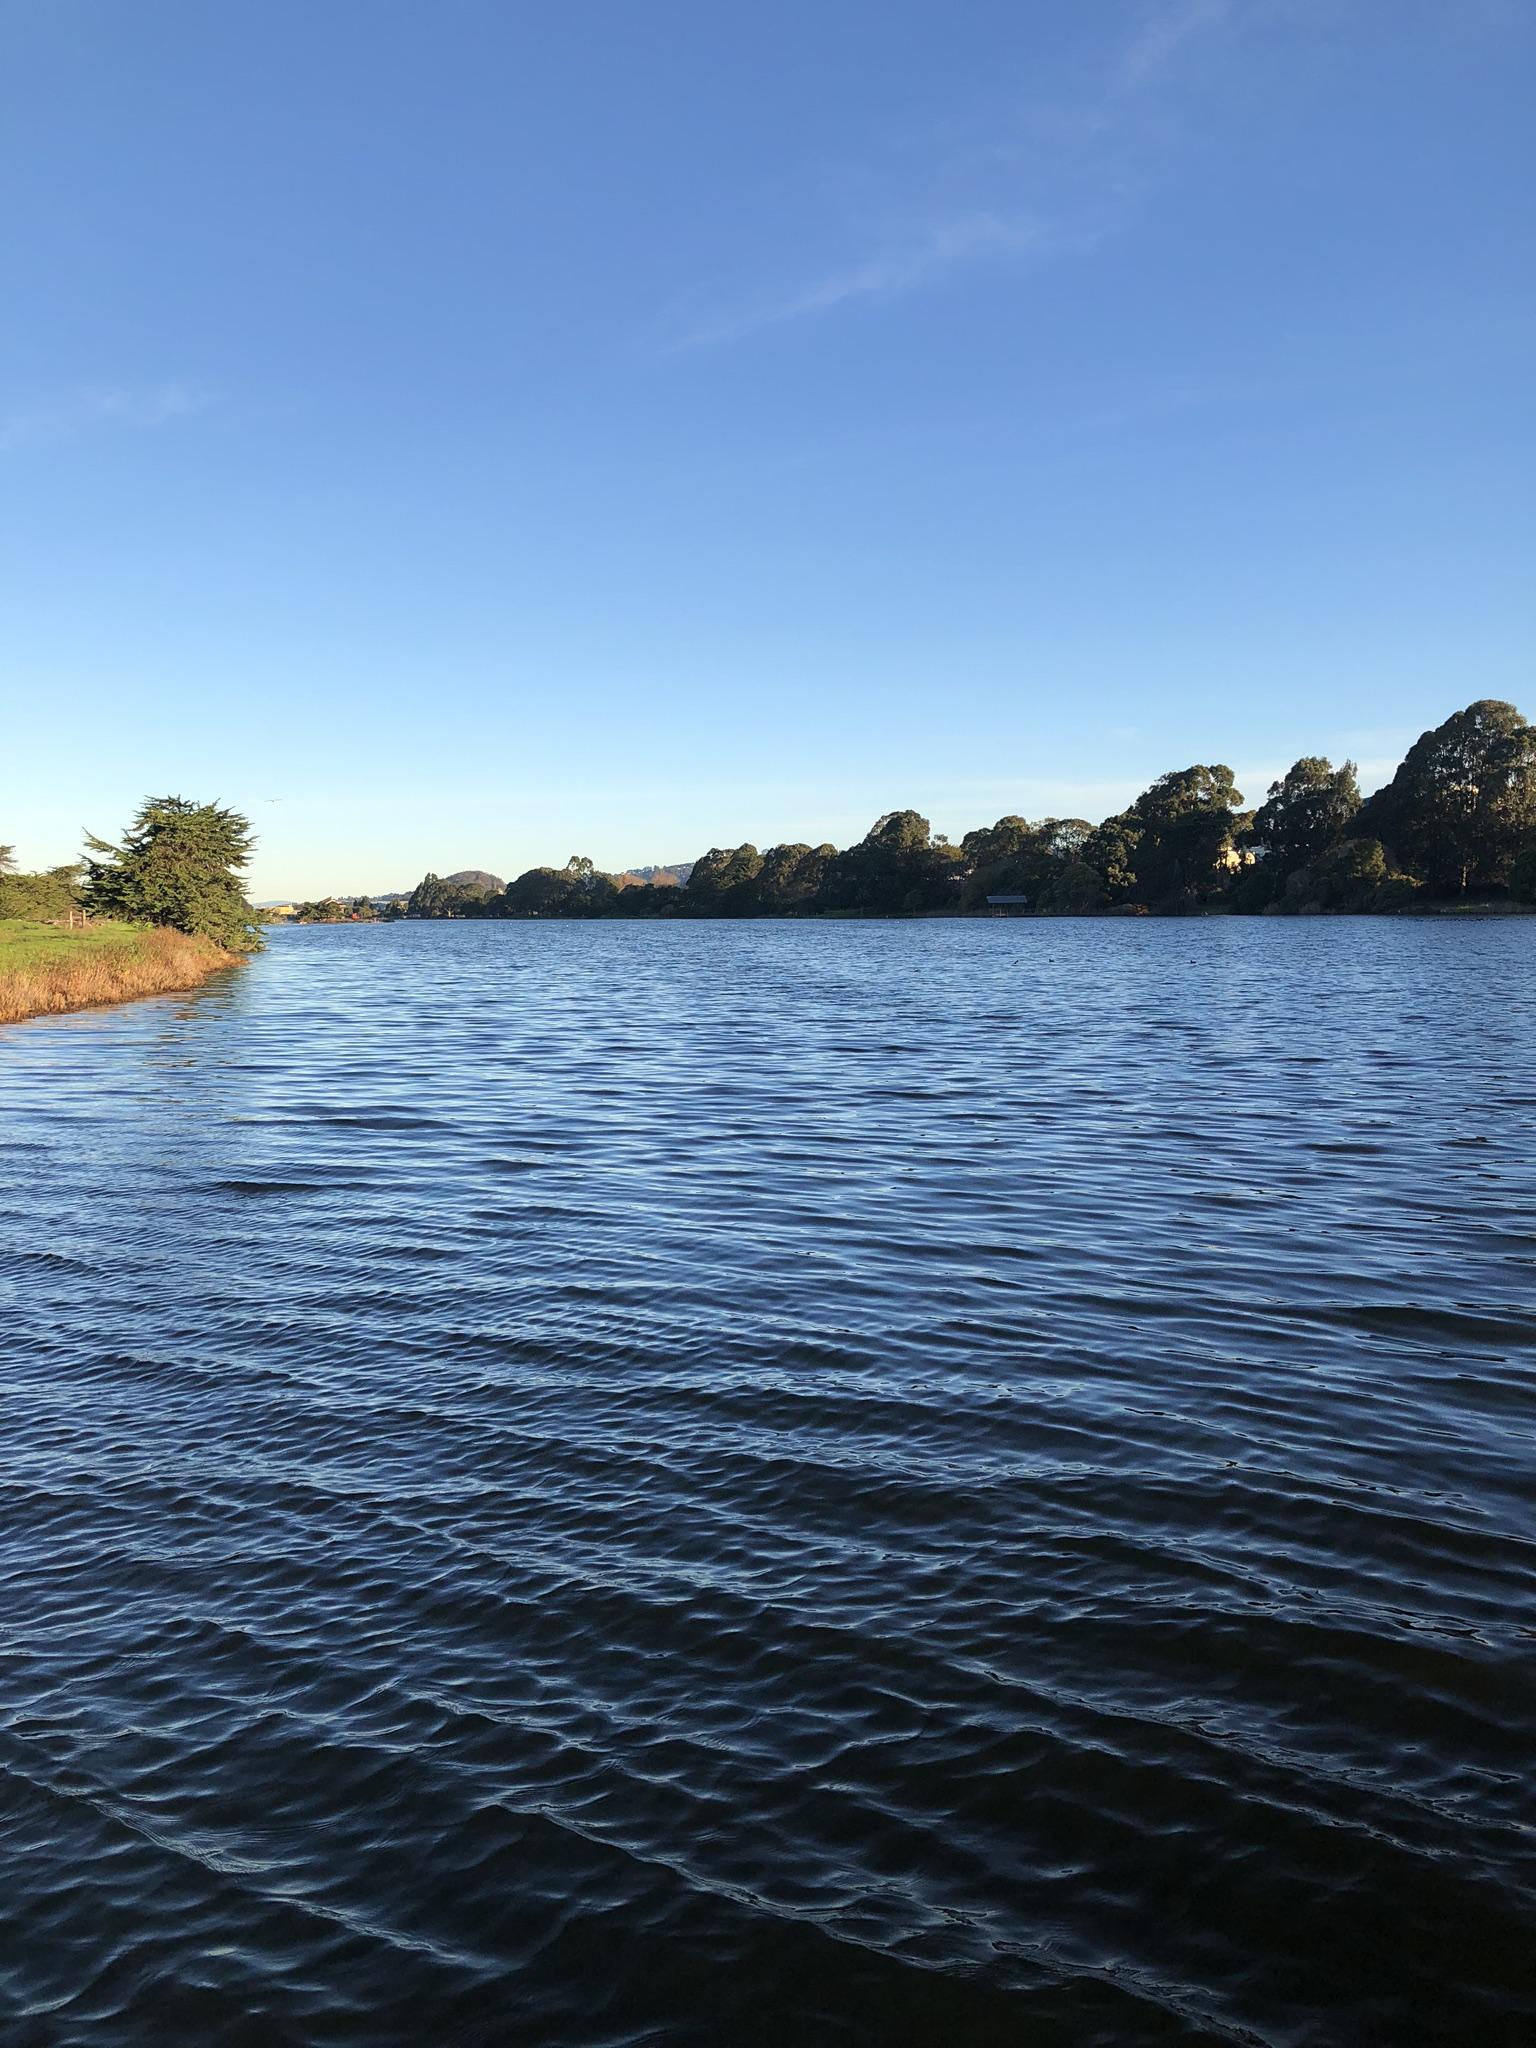 berkeley_aquatic_park_lagoon